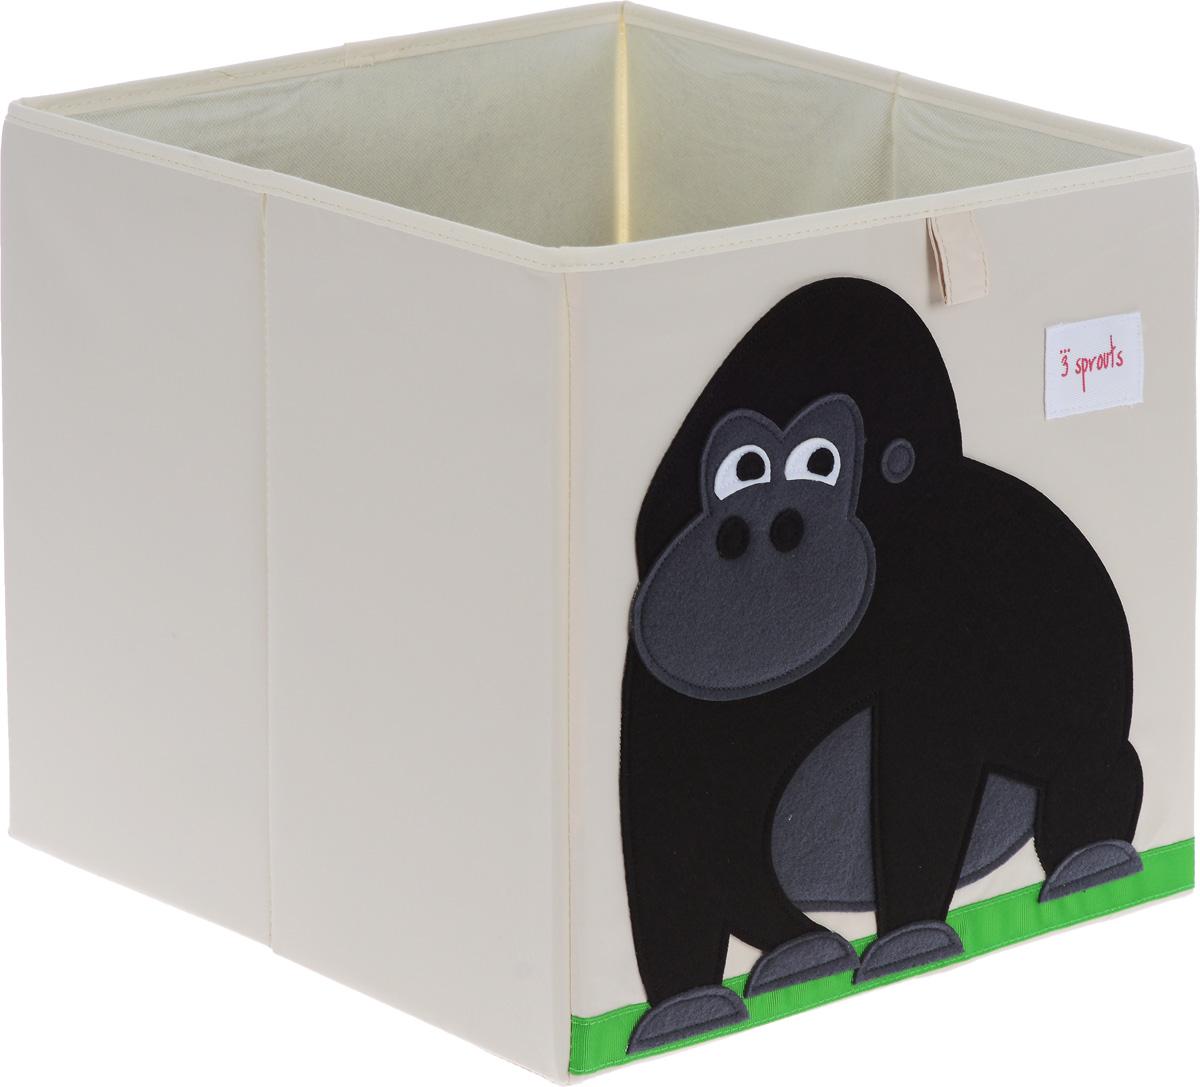 3 Sprouts Коробка для хранения Горилла27250Коробка для хранения 3 Sprouts Горилла - это отличный вариант организации пространства любой комнаты. Стороны коробки усилены с помощью картона, поэтому она всегда стоит ровно. Помещается практически во все стеллажи с квадратными отсеками и добавляет озорства любой комнате. Стоит ли коробка отдельно или на полке стеллажа, она обеспечит прекрасную организацию в вашем доме. Уход: снаружи - только выведение пятен.